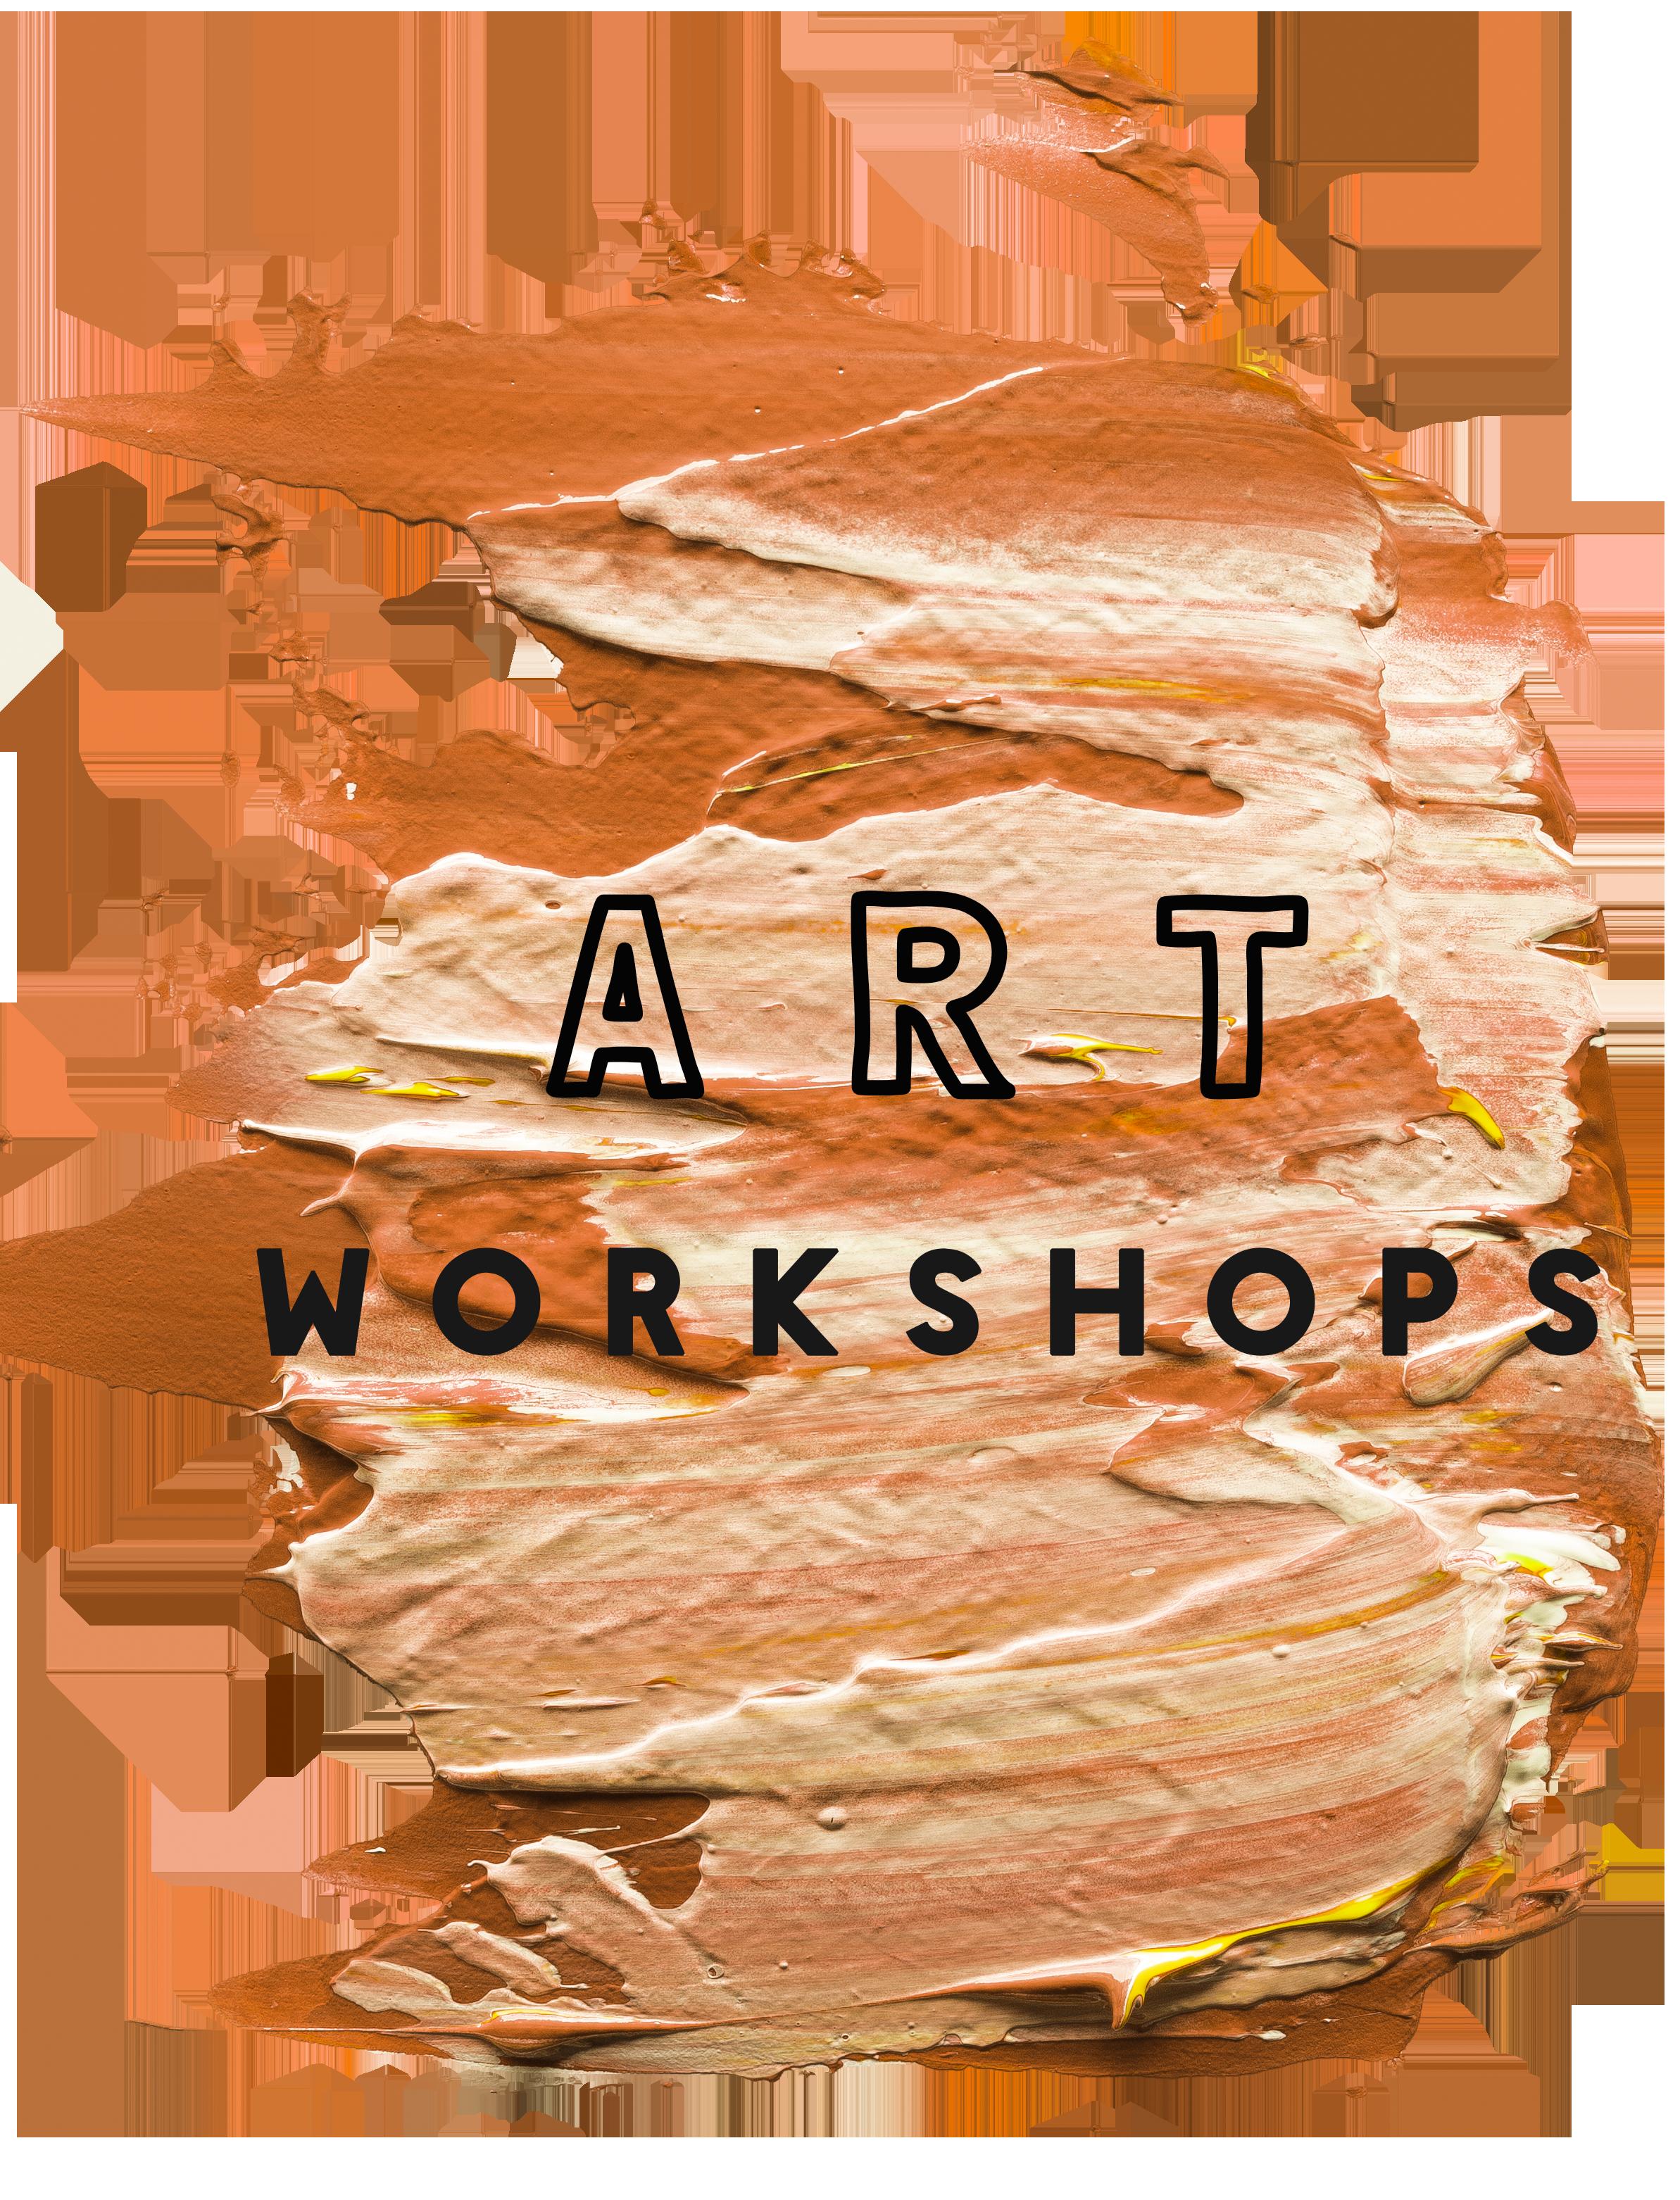 ARTWORKSHOPS.png